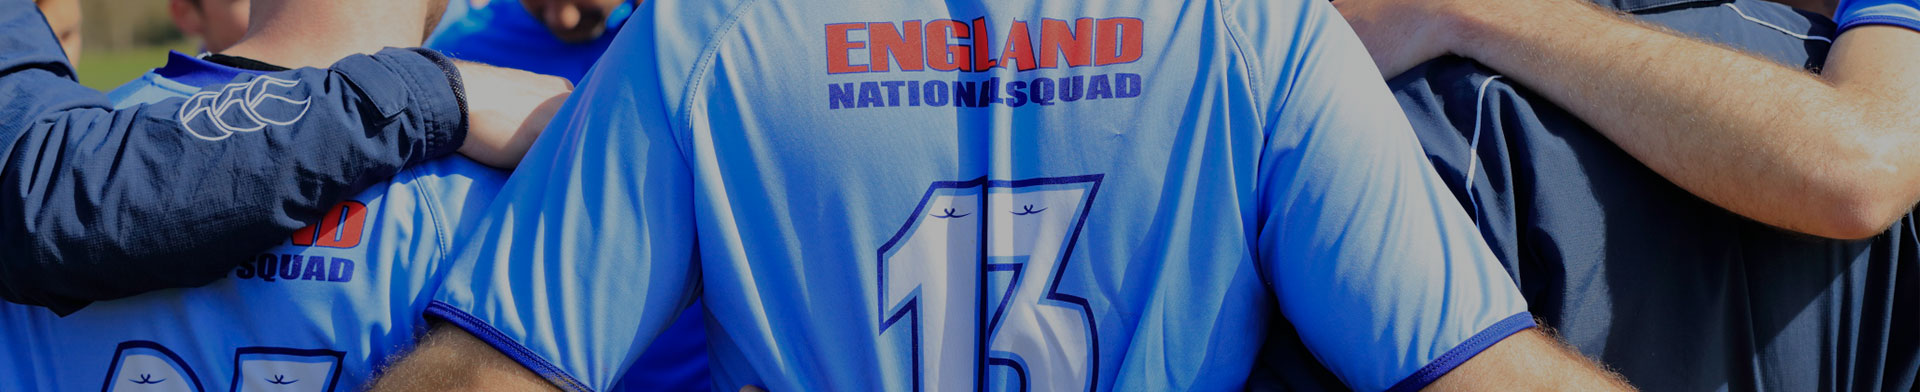 England-Slider